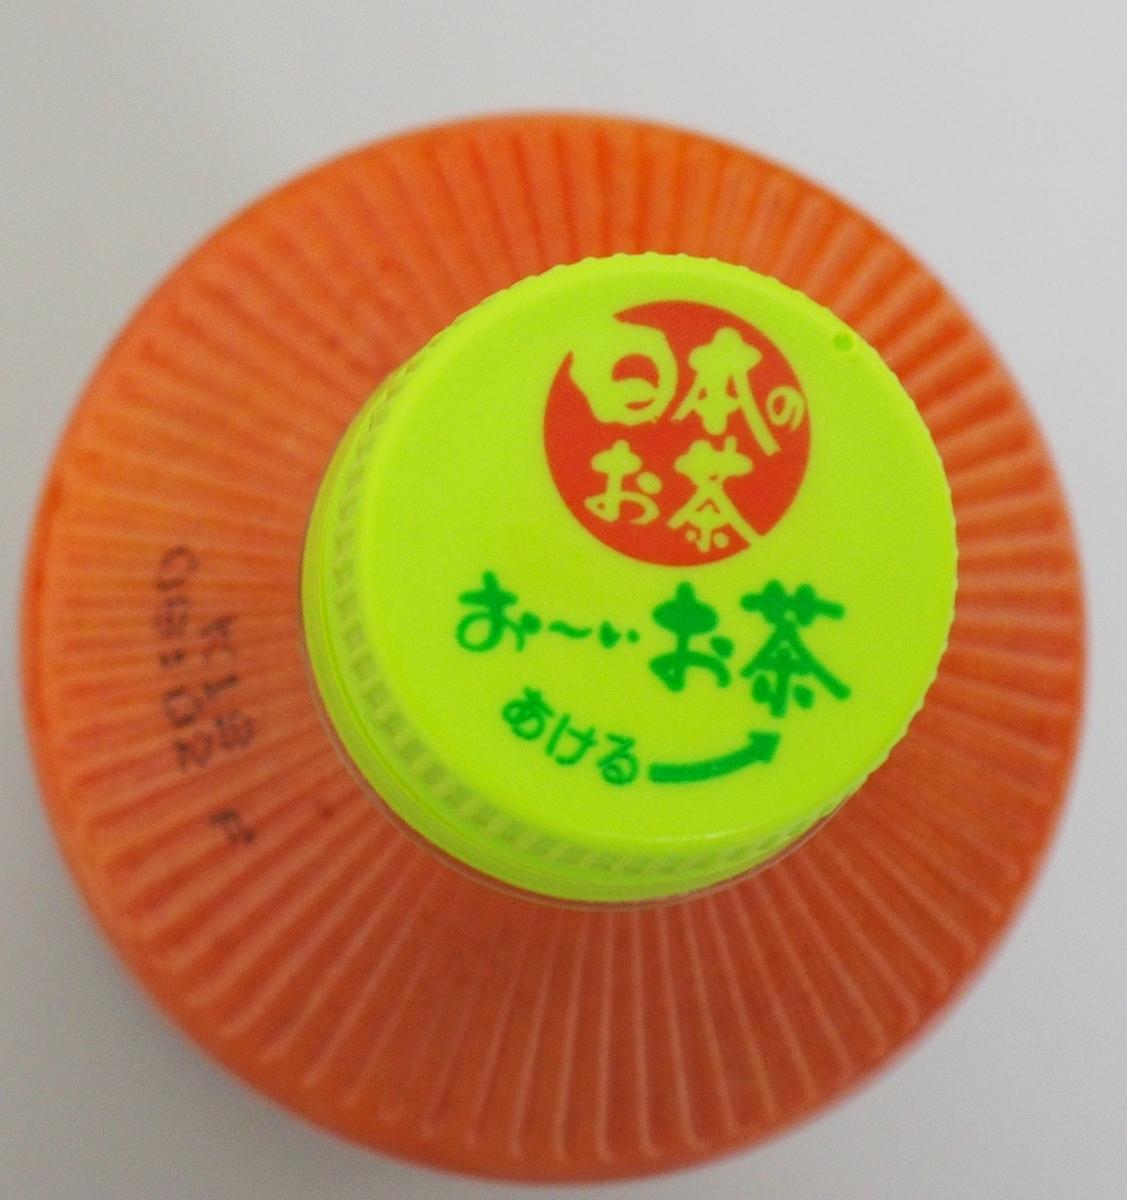 f:id:fujiikazuhisa:20191130174306j:plain